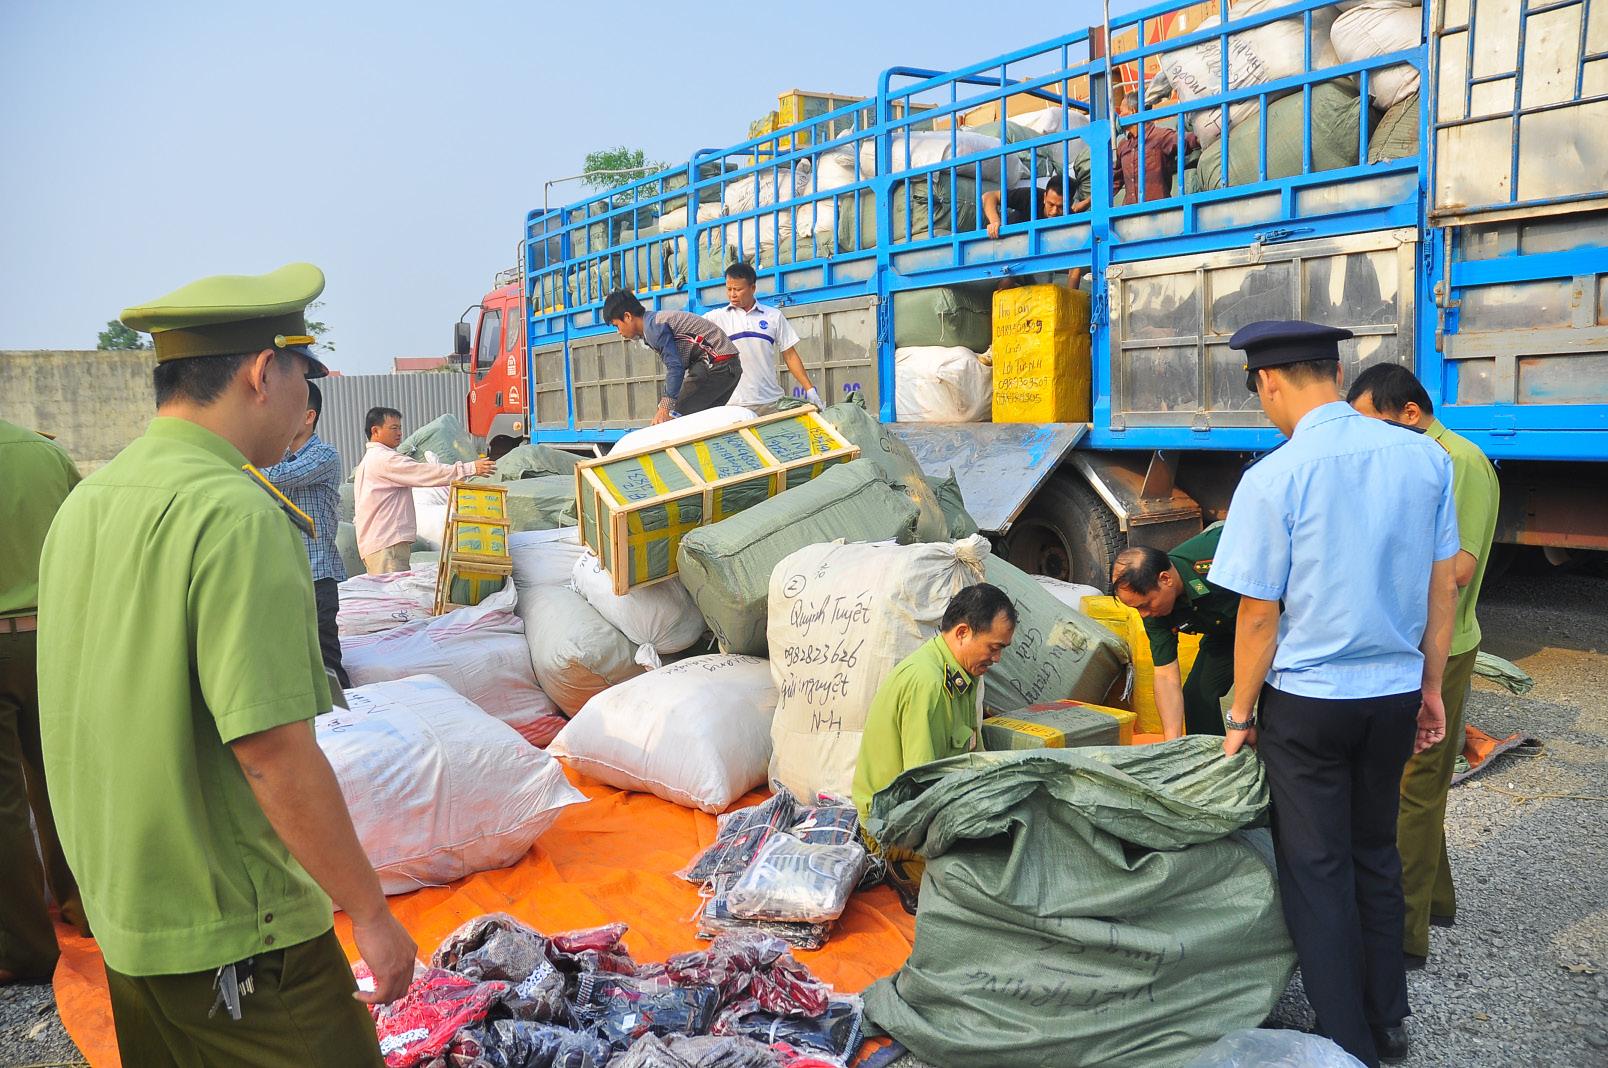 Pháp nhân thương mại buôn lậu thì bị xử lý như thế nào theo quy định của Bộ luật hình sự năm 2015